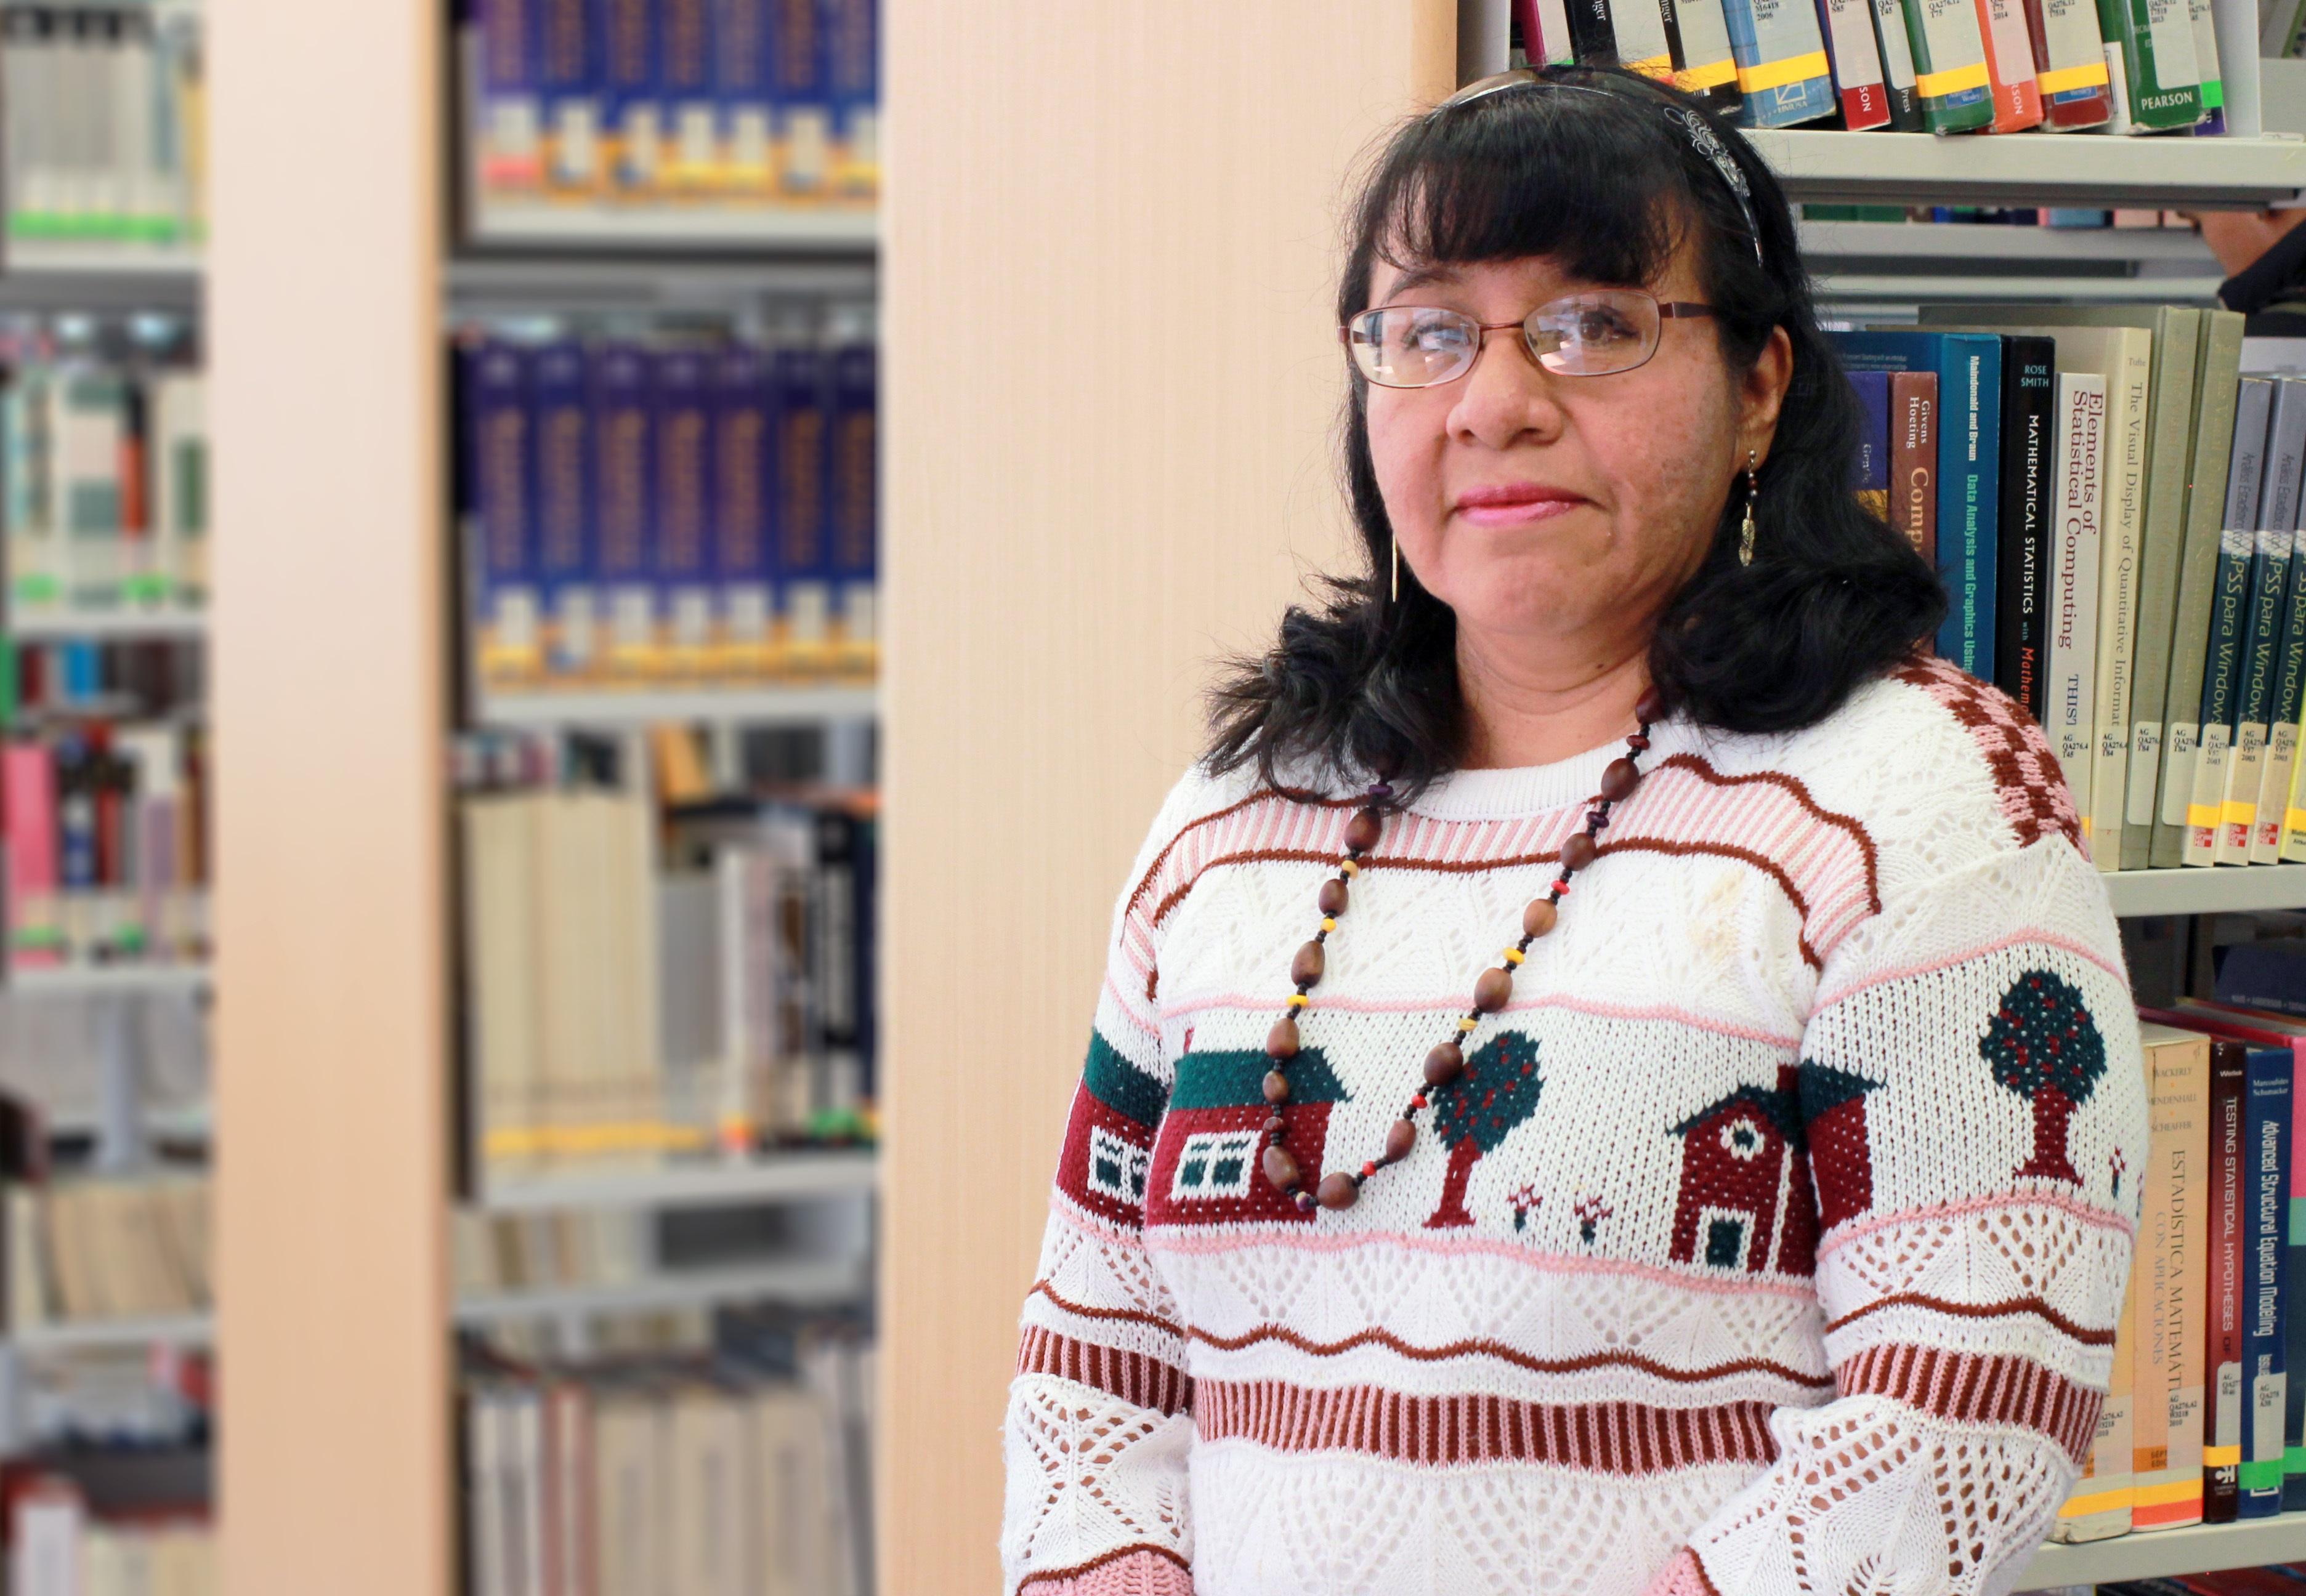 DRA. MARÍA DE LOURDES AMAYA VENTURA